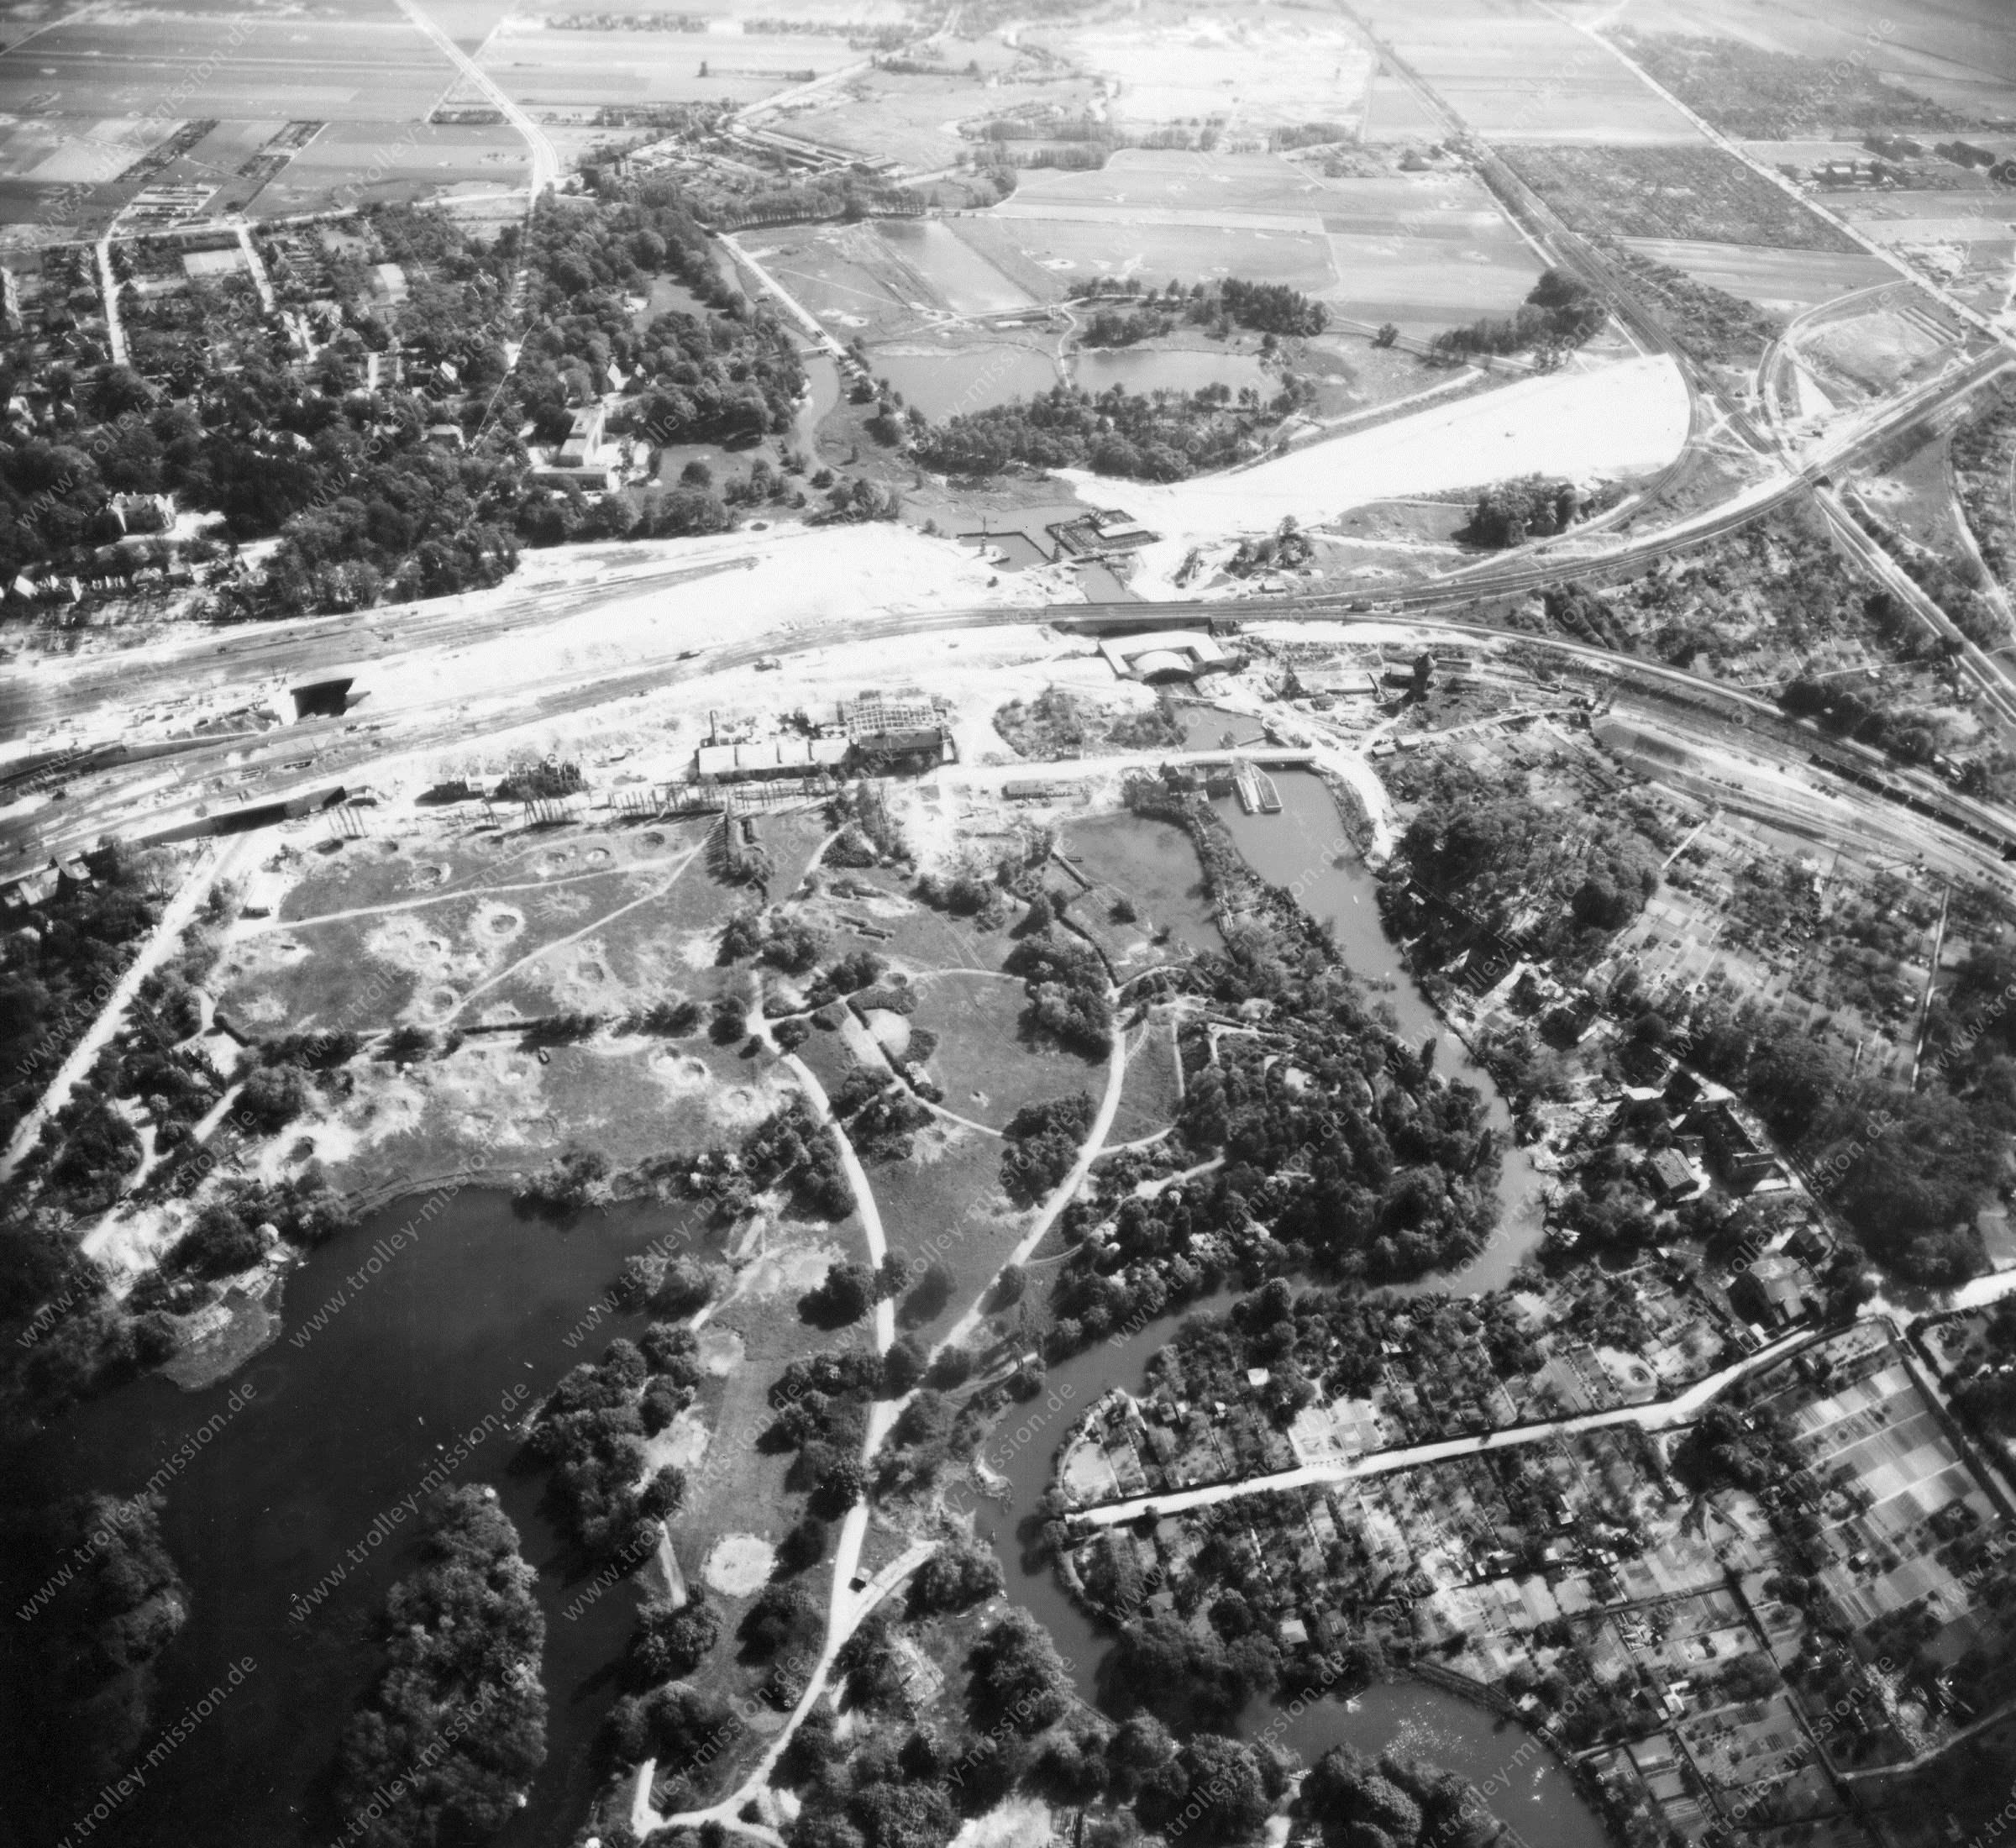 Luftbild von Braunschweig am 12. Mai 1945 - Luftbildserie 11/11 der US Air Force